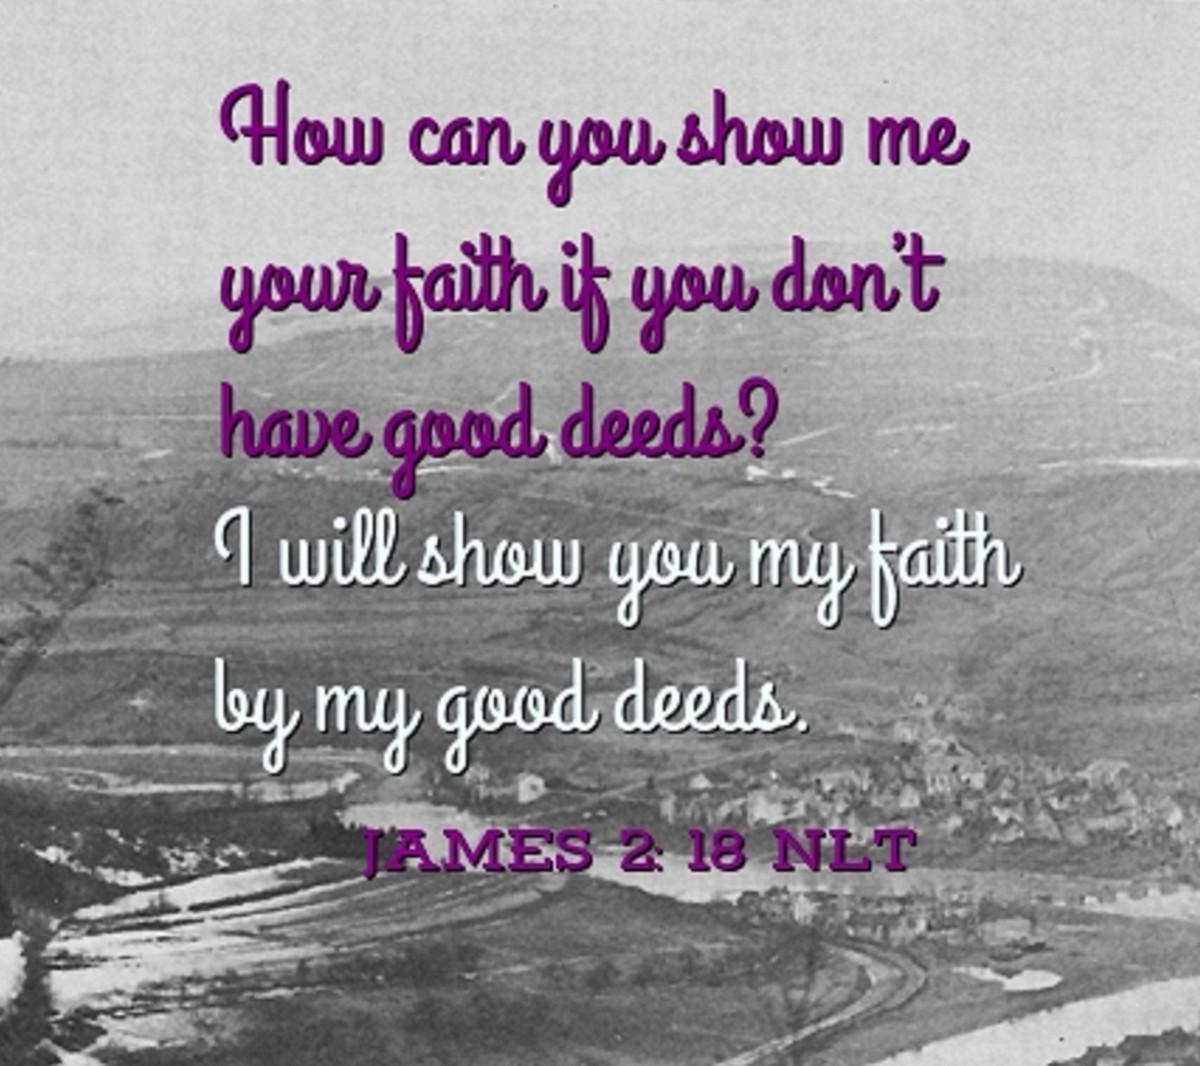 """I will show you my faith by my good deeds."""" ―James 2:18 NLT"""